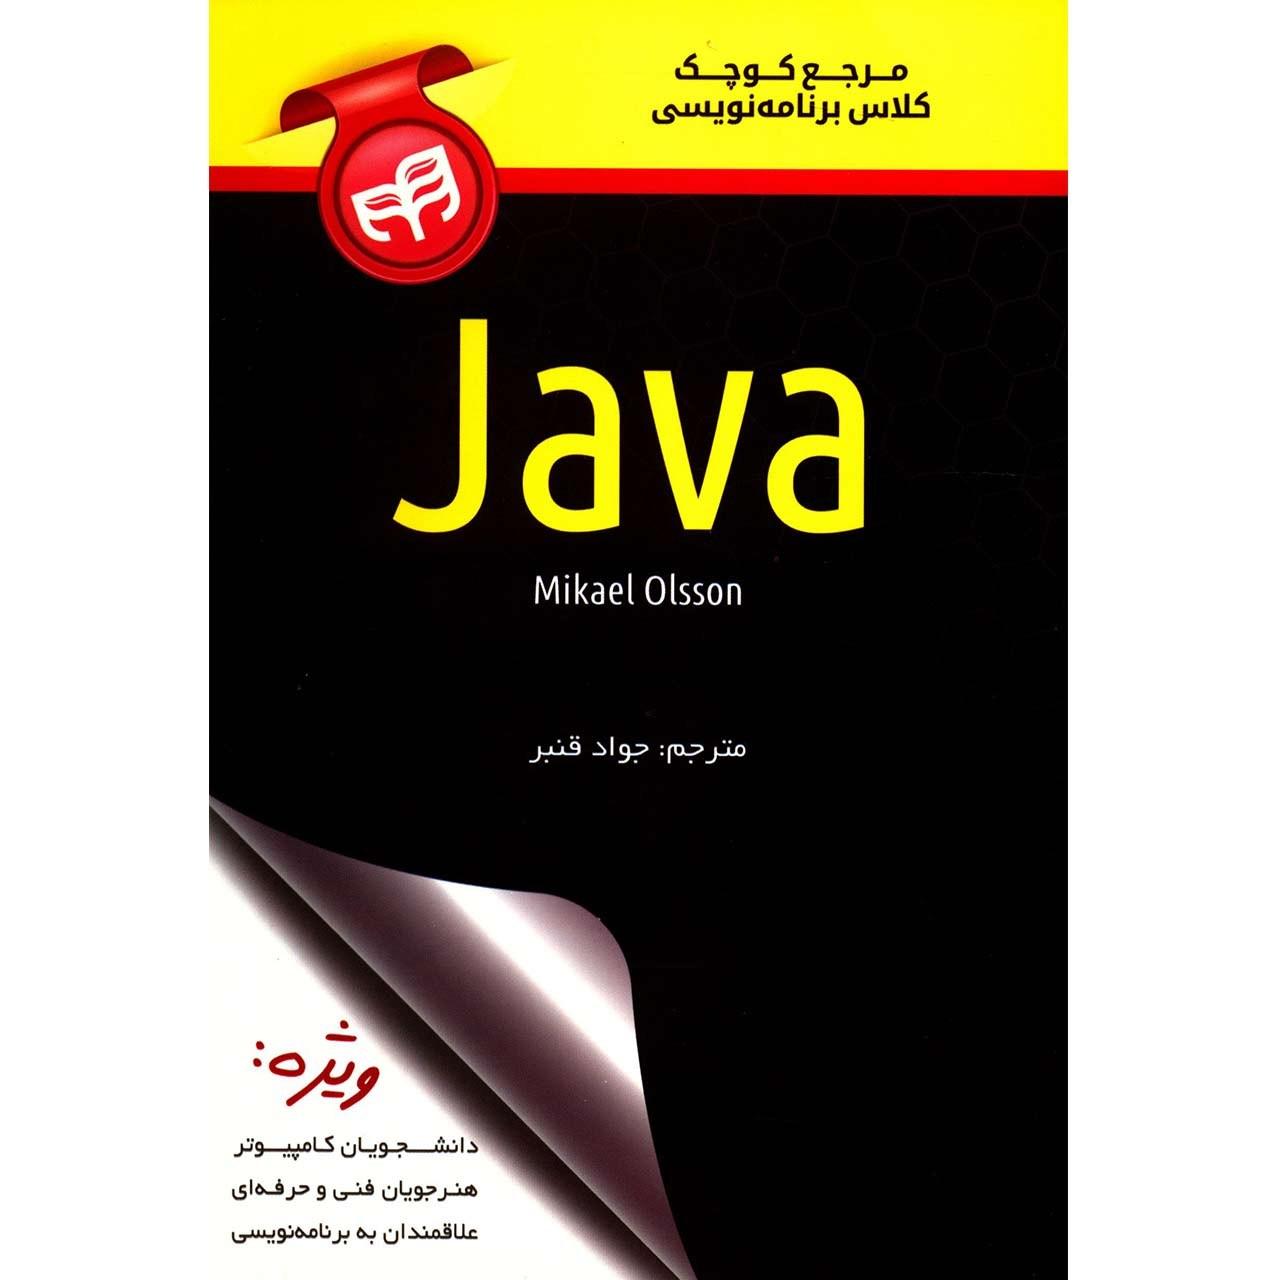 کتاب مرجع کوچک کلاس برنامه نویسی Java اثر مایکل اولسون